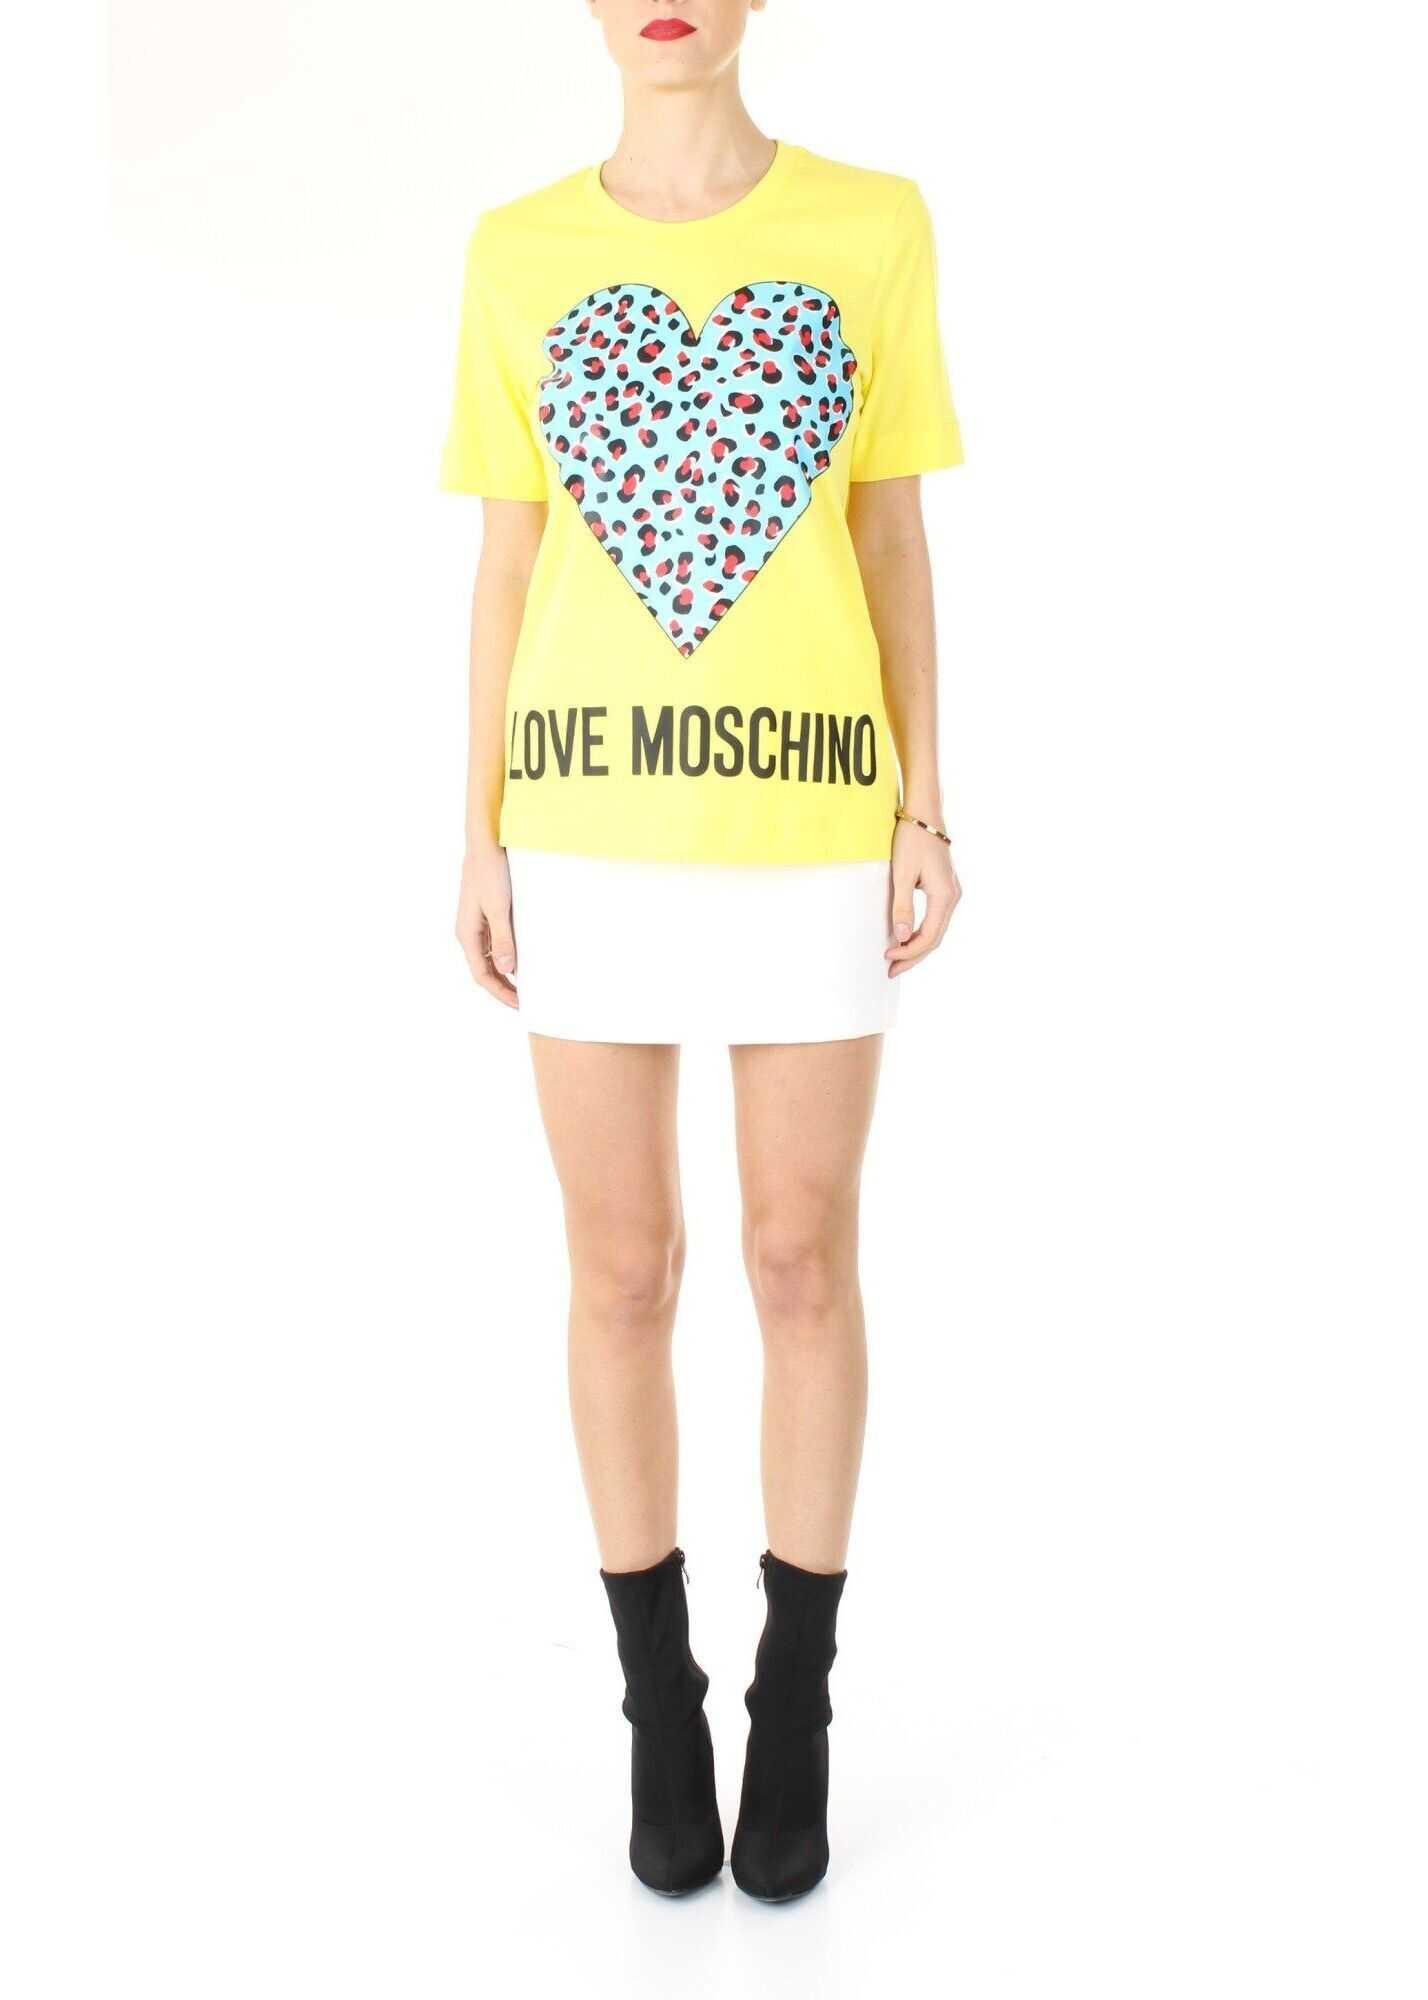 LOVE Moschino Cotton T-Shirt YELLOW